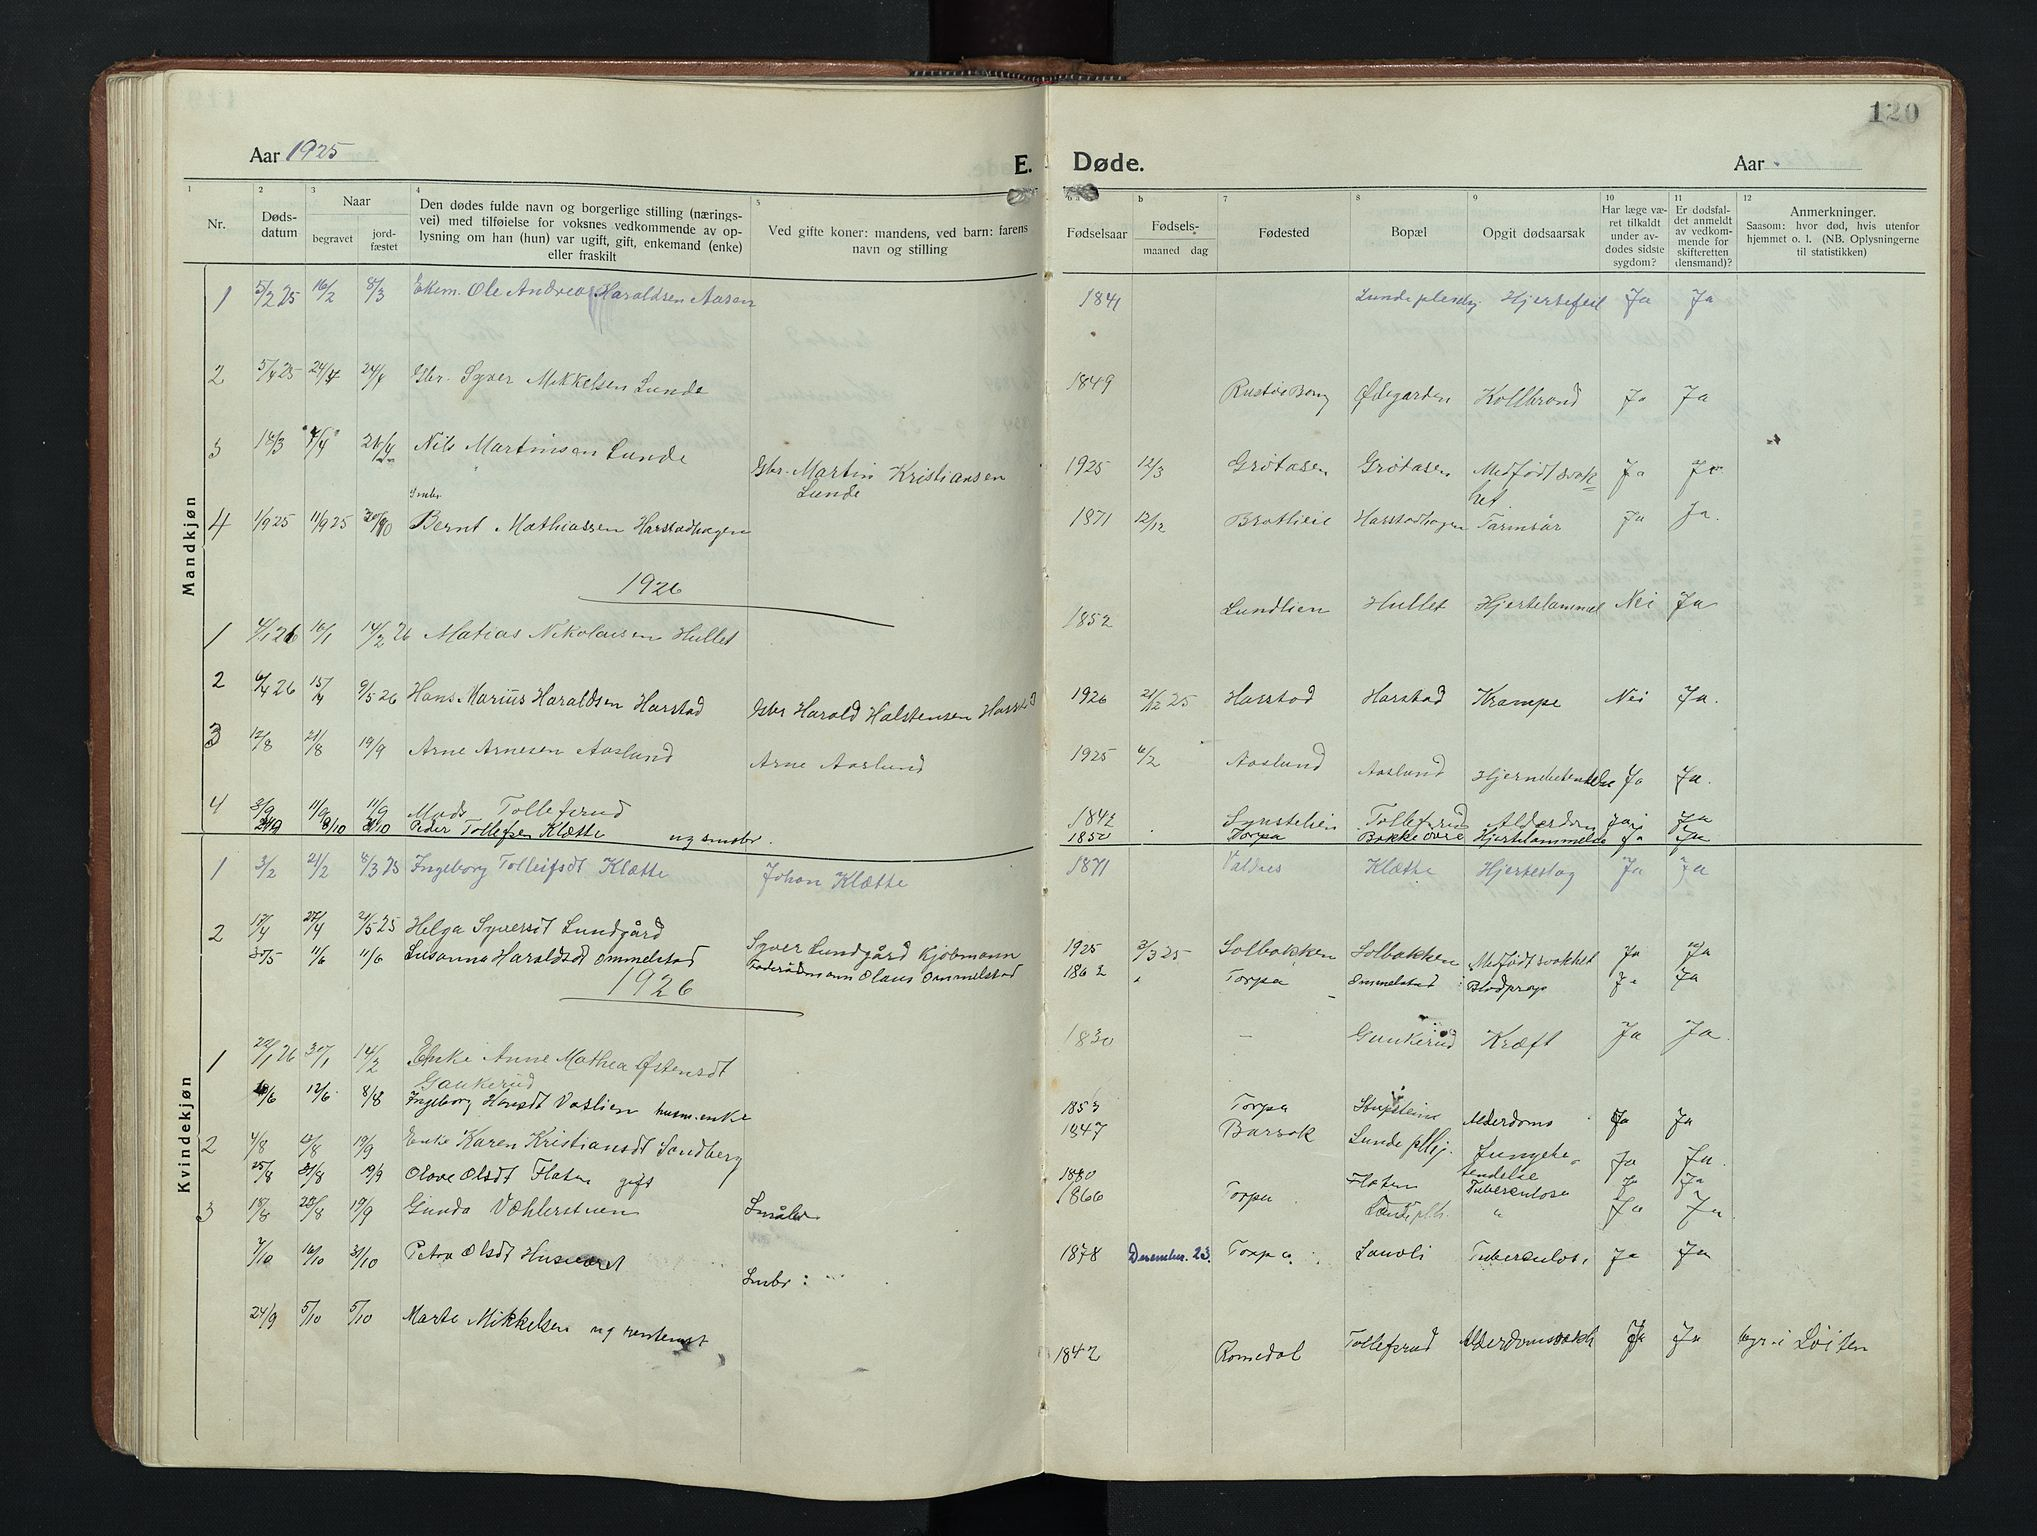 SAH, Nordre Land prestekontor, Klokkerbok nr. 9, 1921-1956, s. 120